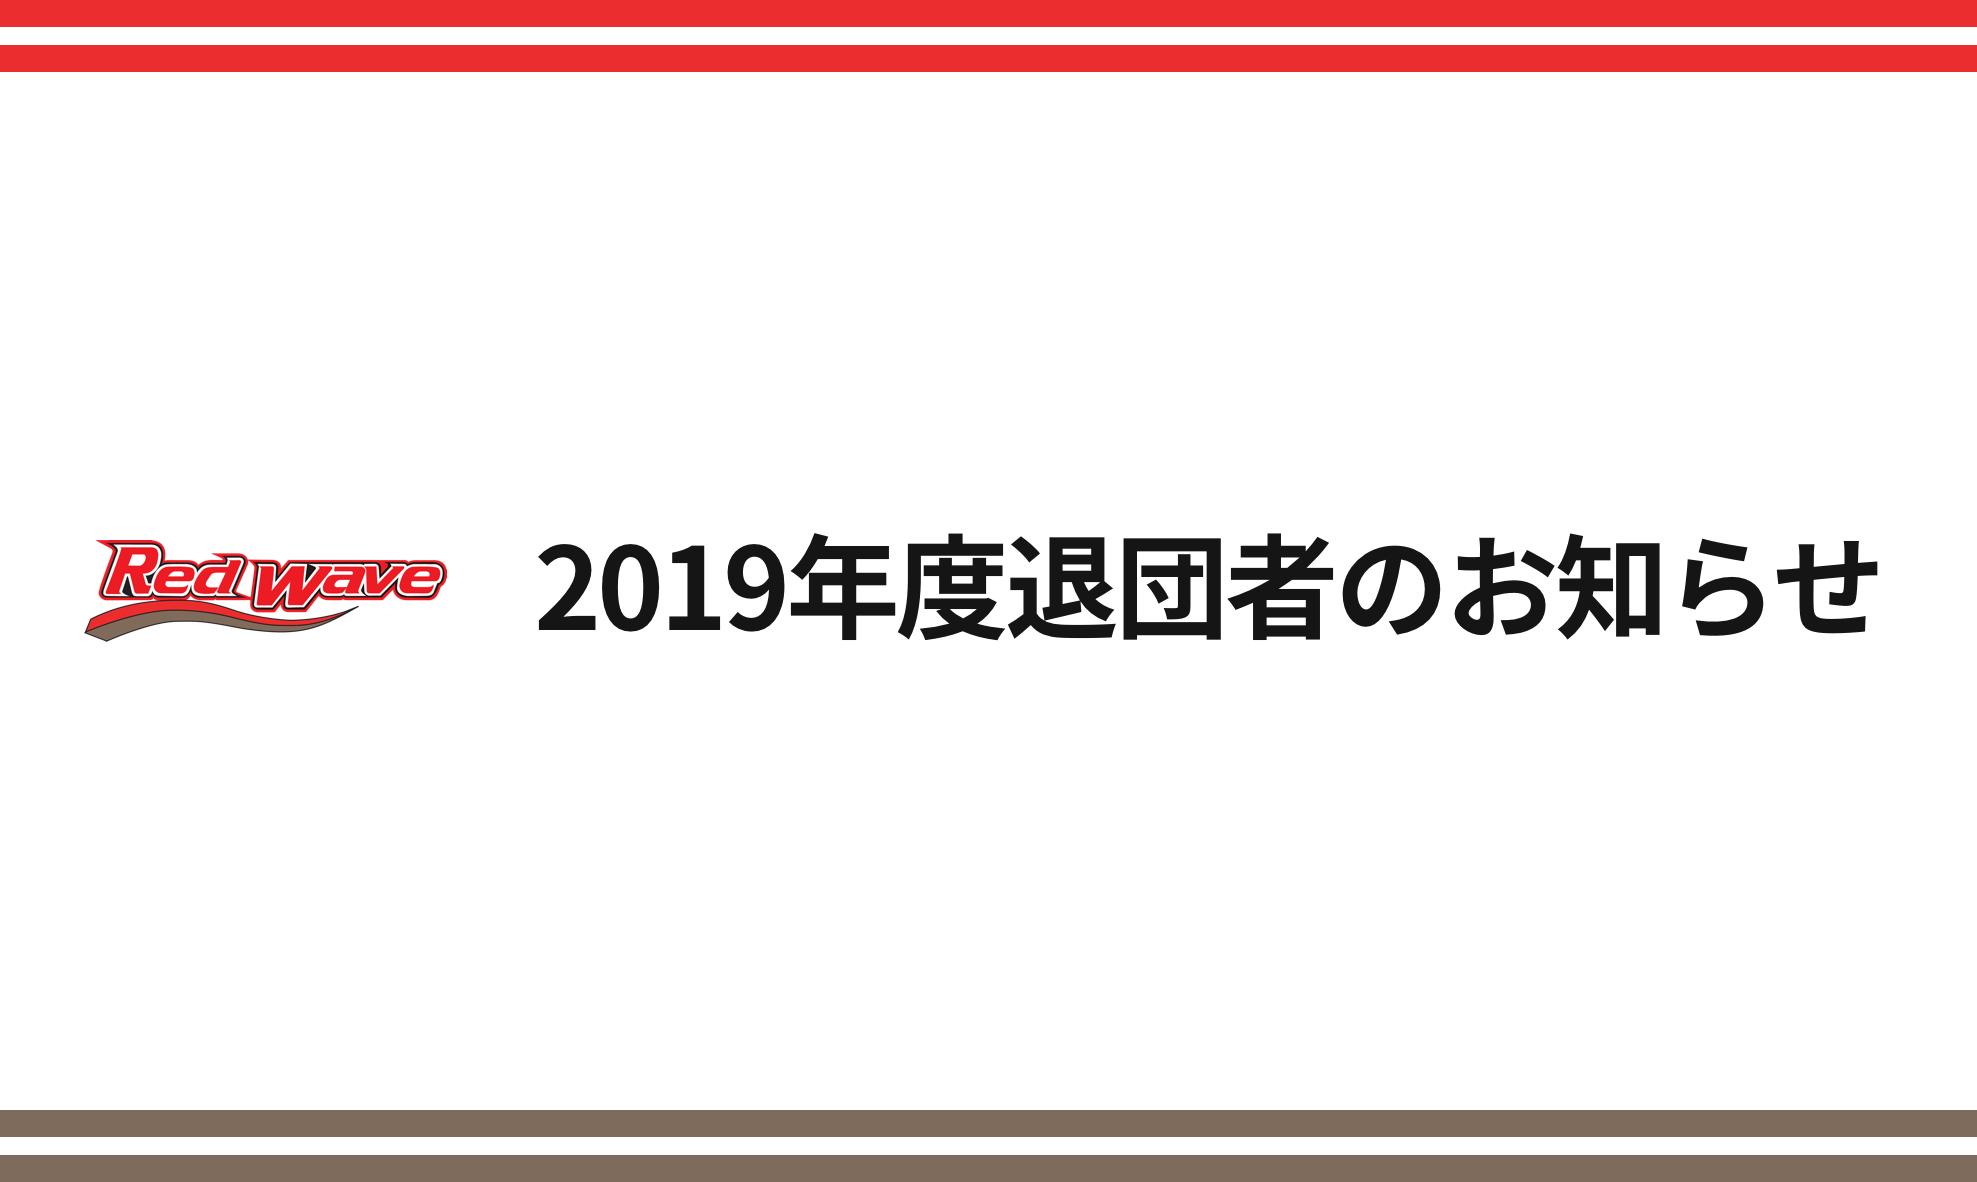 女子バスケットボール部2019年度退団者のお知らせ